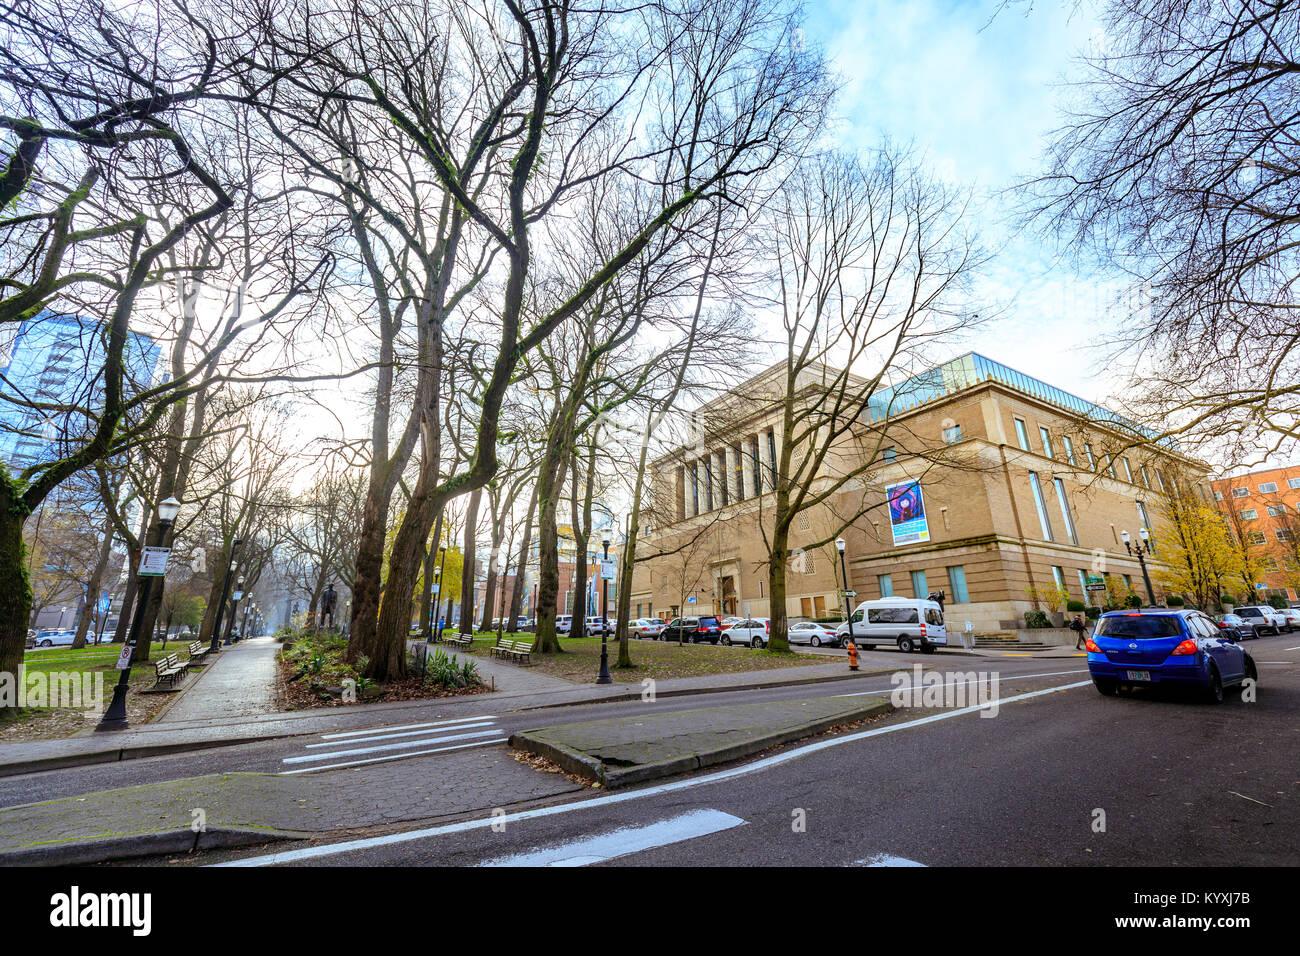 Portland, Oregon, Estados Unidos - Dec 22, 2017 : La histórica fachada del Museo de Arte de Portland. Es el museo de arte más antiguo de la costa oeste de la unidad Foto de stock